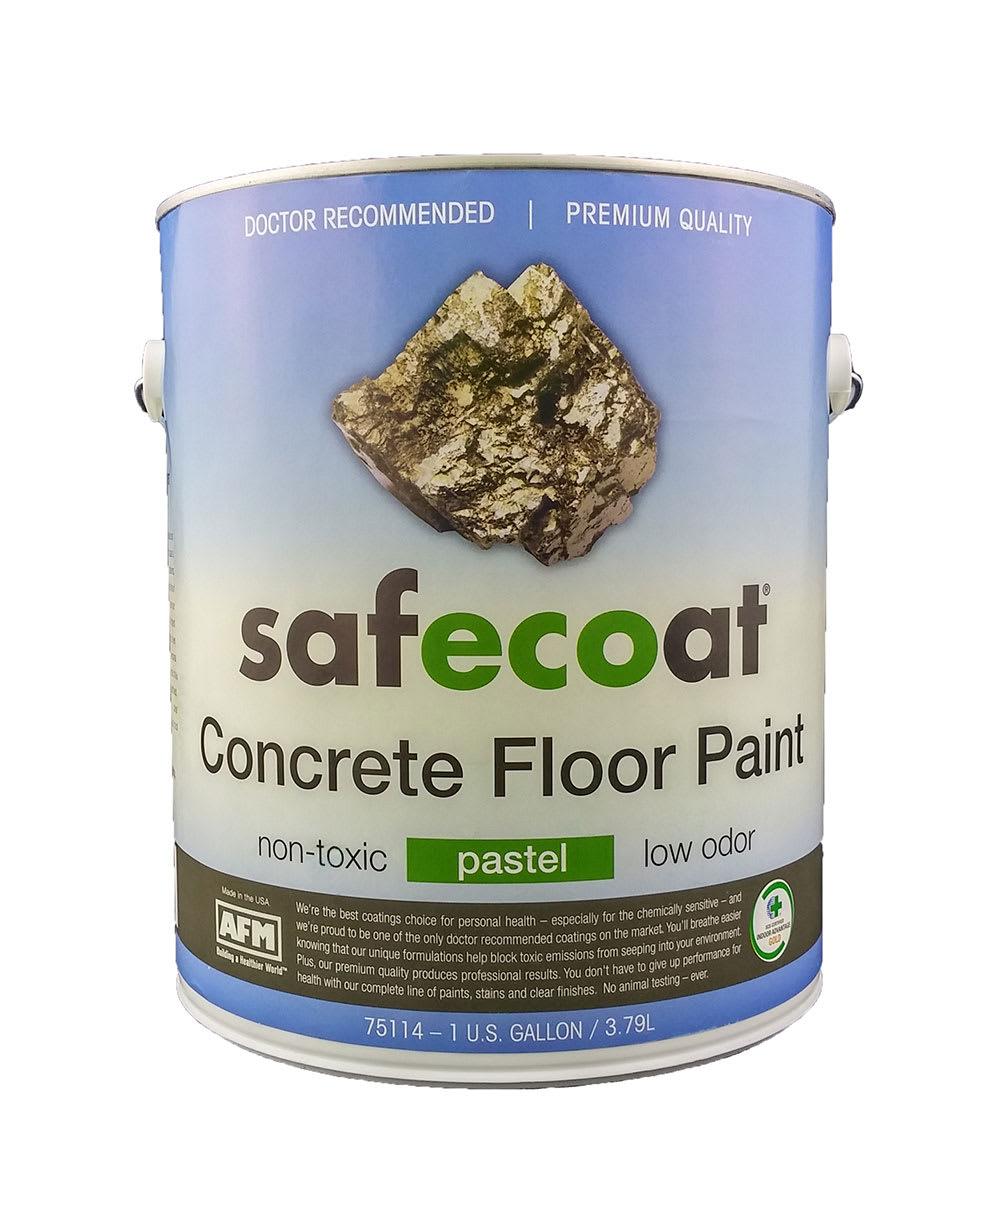 Afm Safecoat Deckote Concrete Floor Paint Low Odor